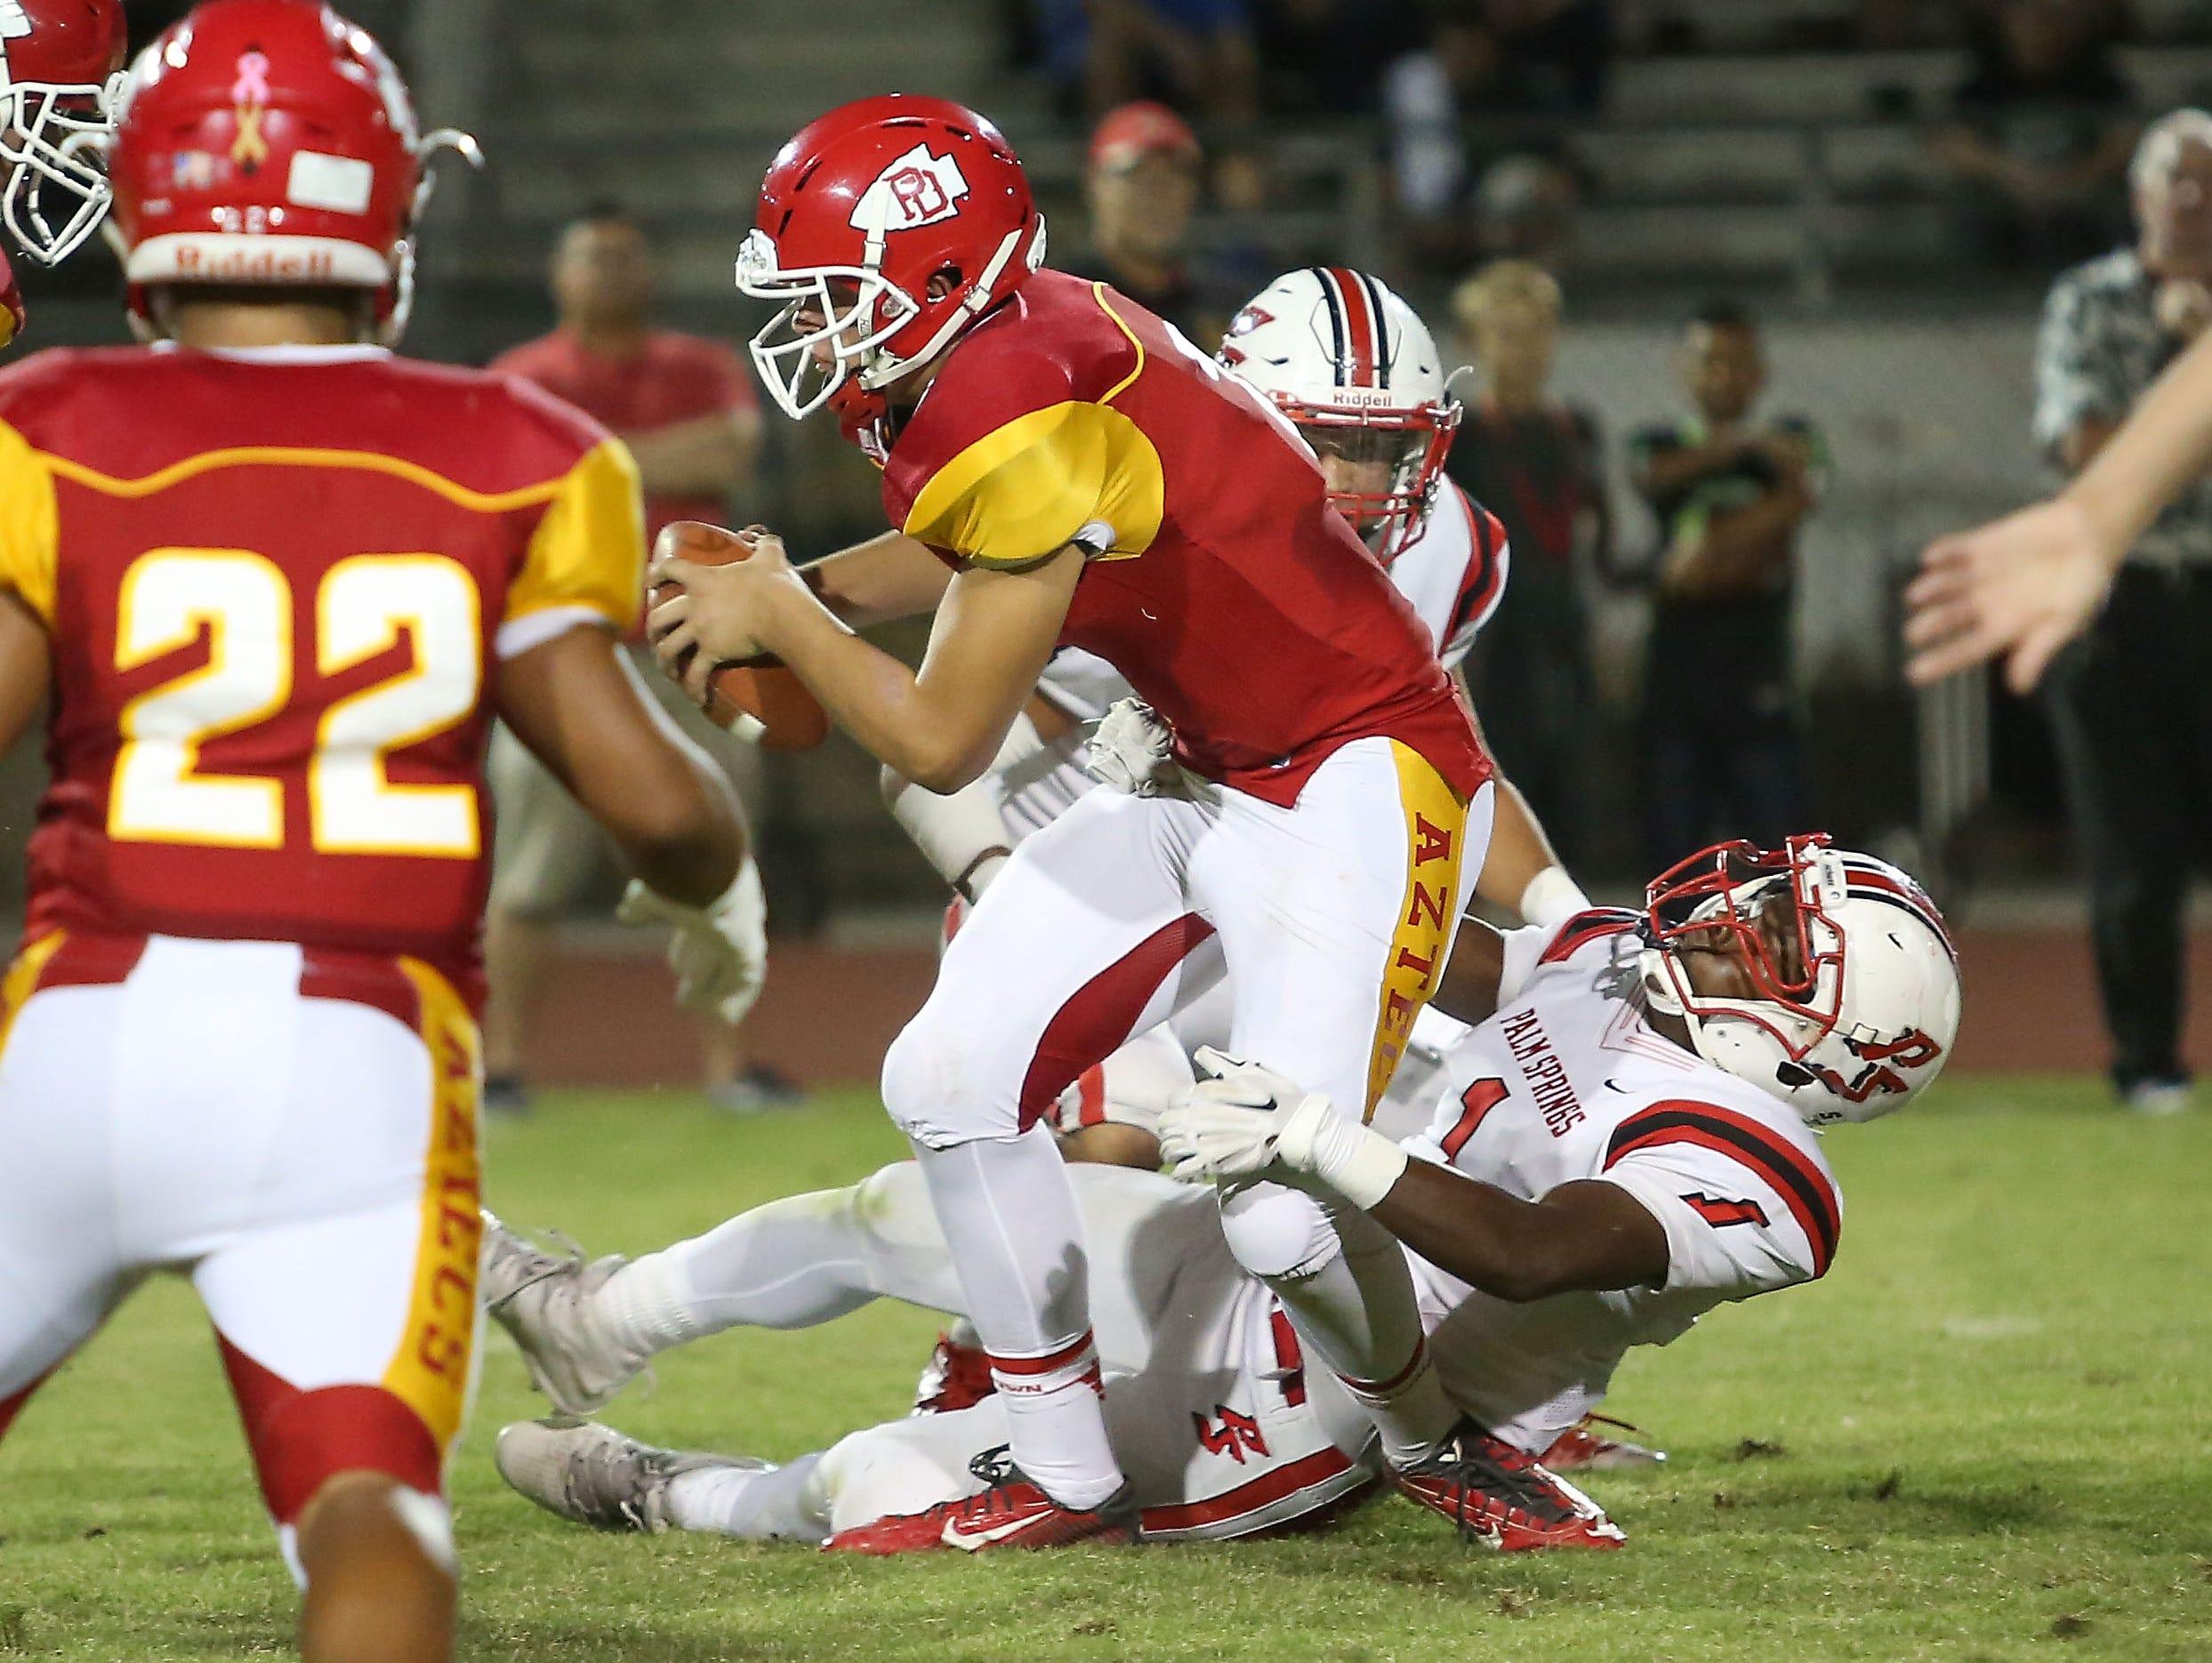 Dameon Stovall-Price, 1, of Palm Springs sacks the Palm Desert quarterback, Oct. 14, 2016.